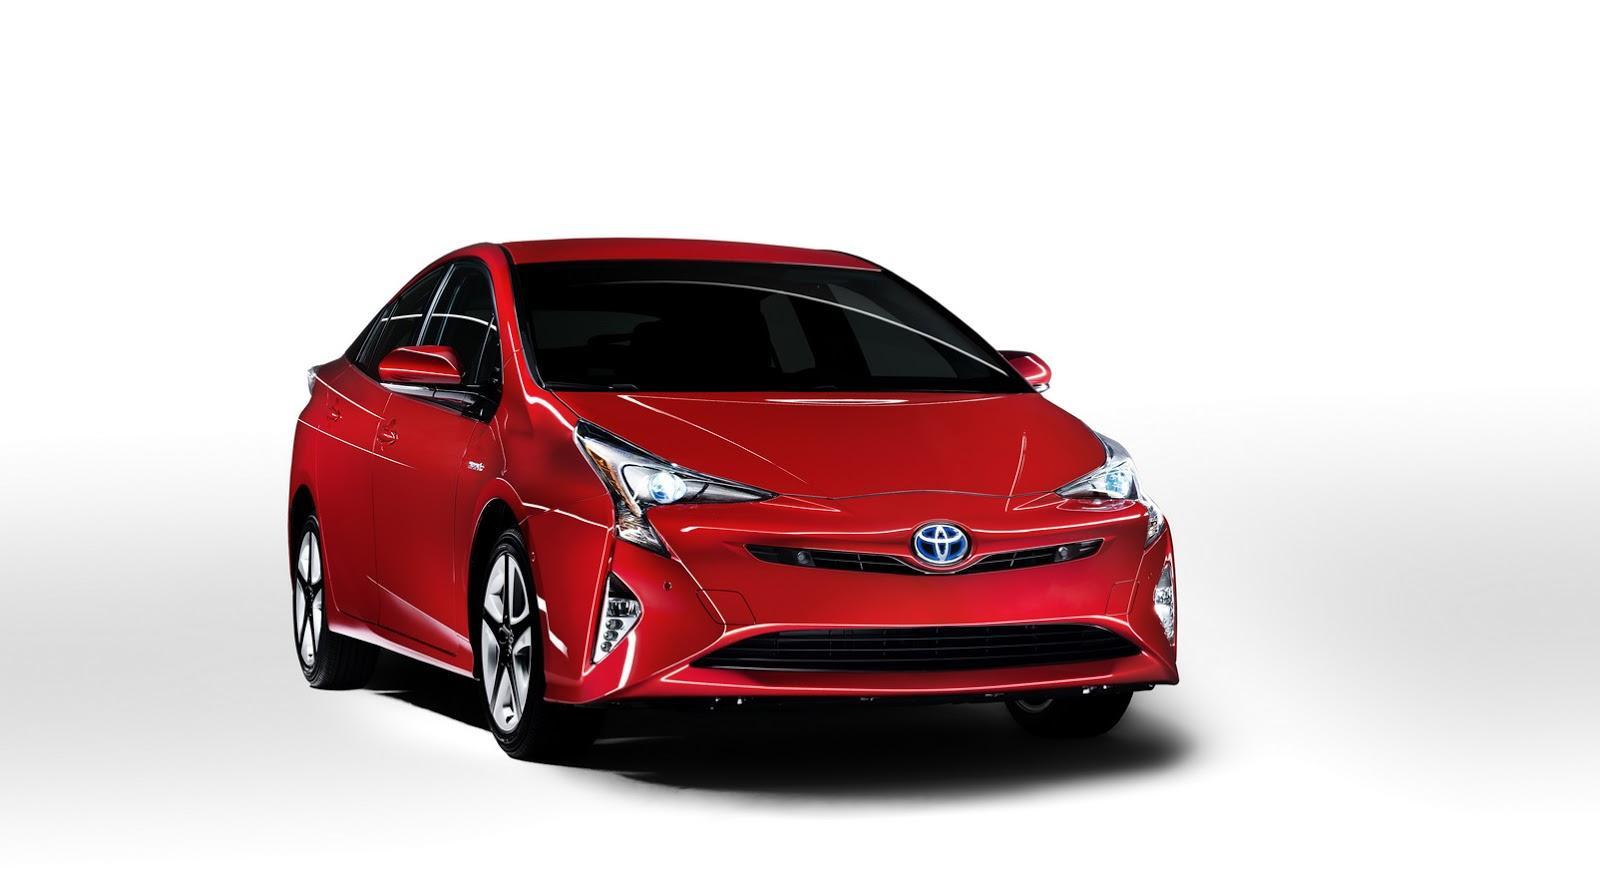 Toyota Prius MY 2016